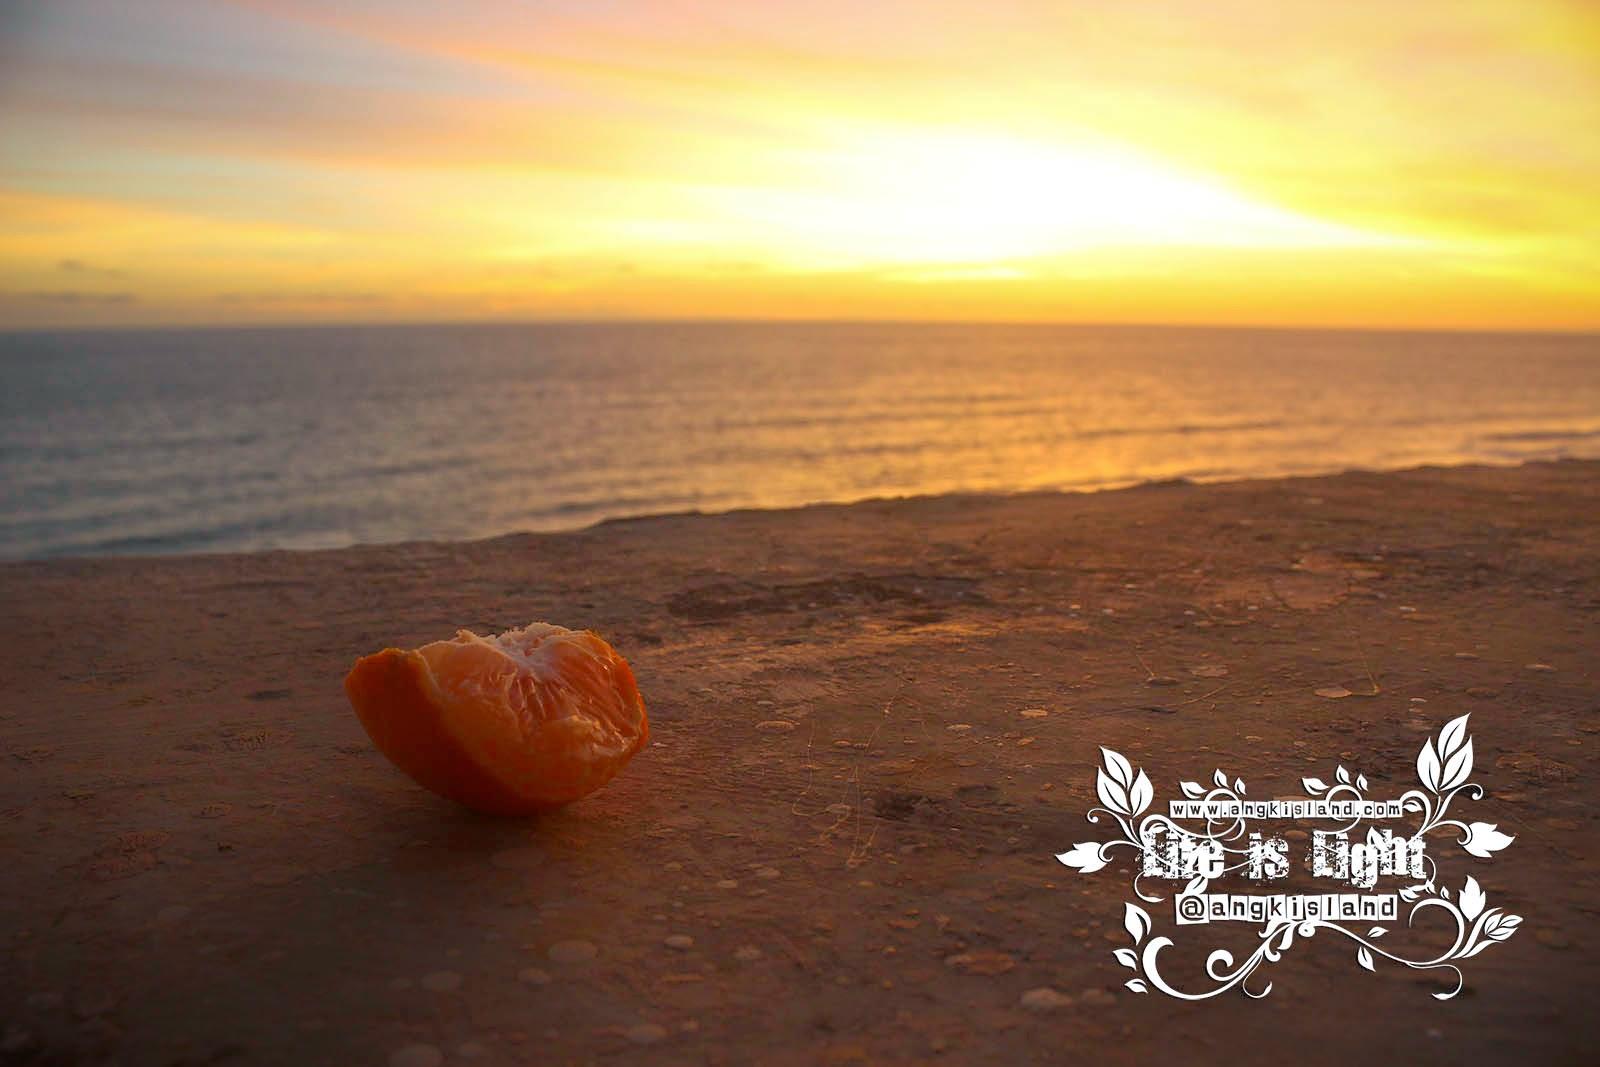 Jeruk di tepi laut